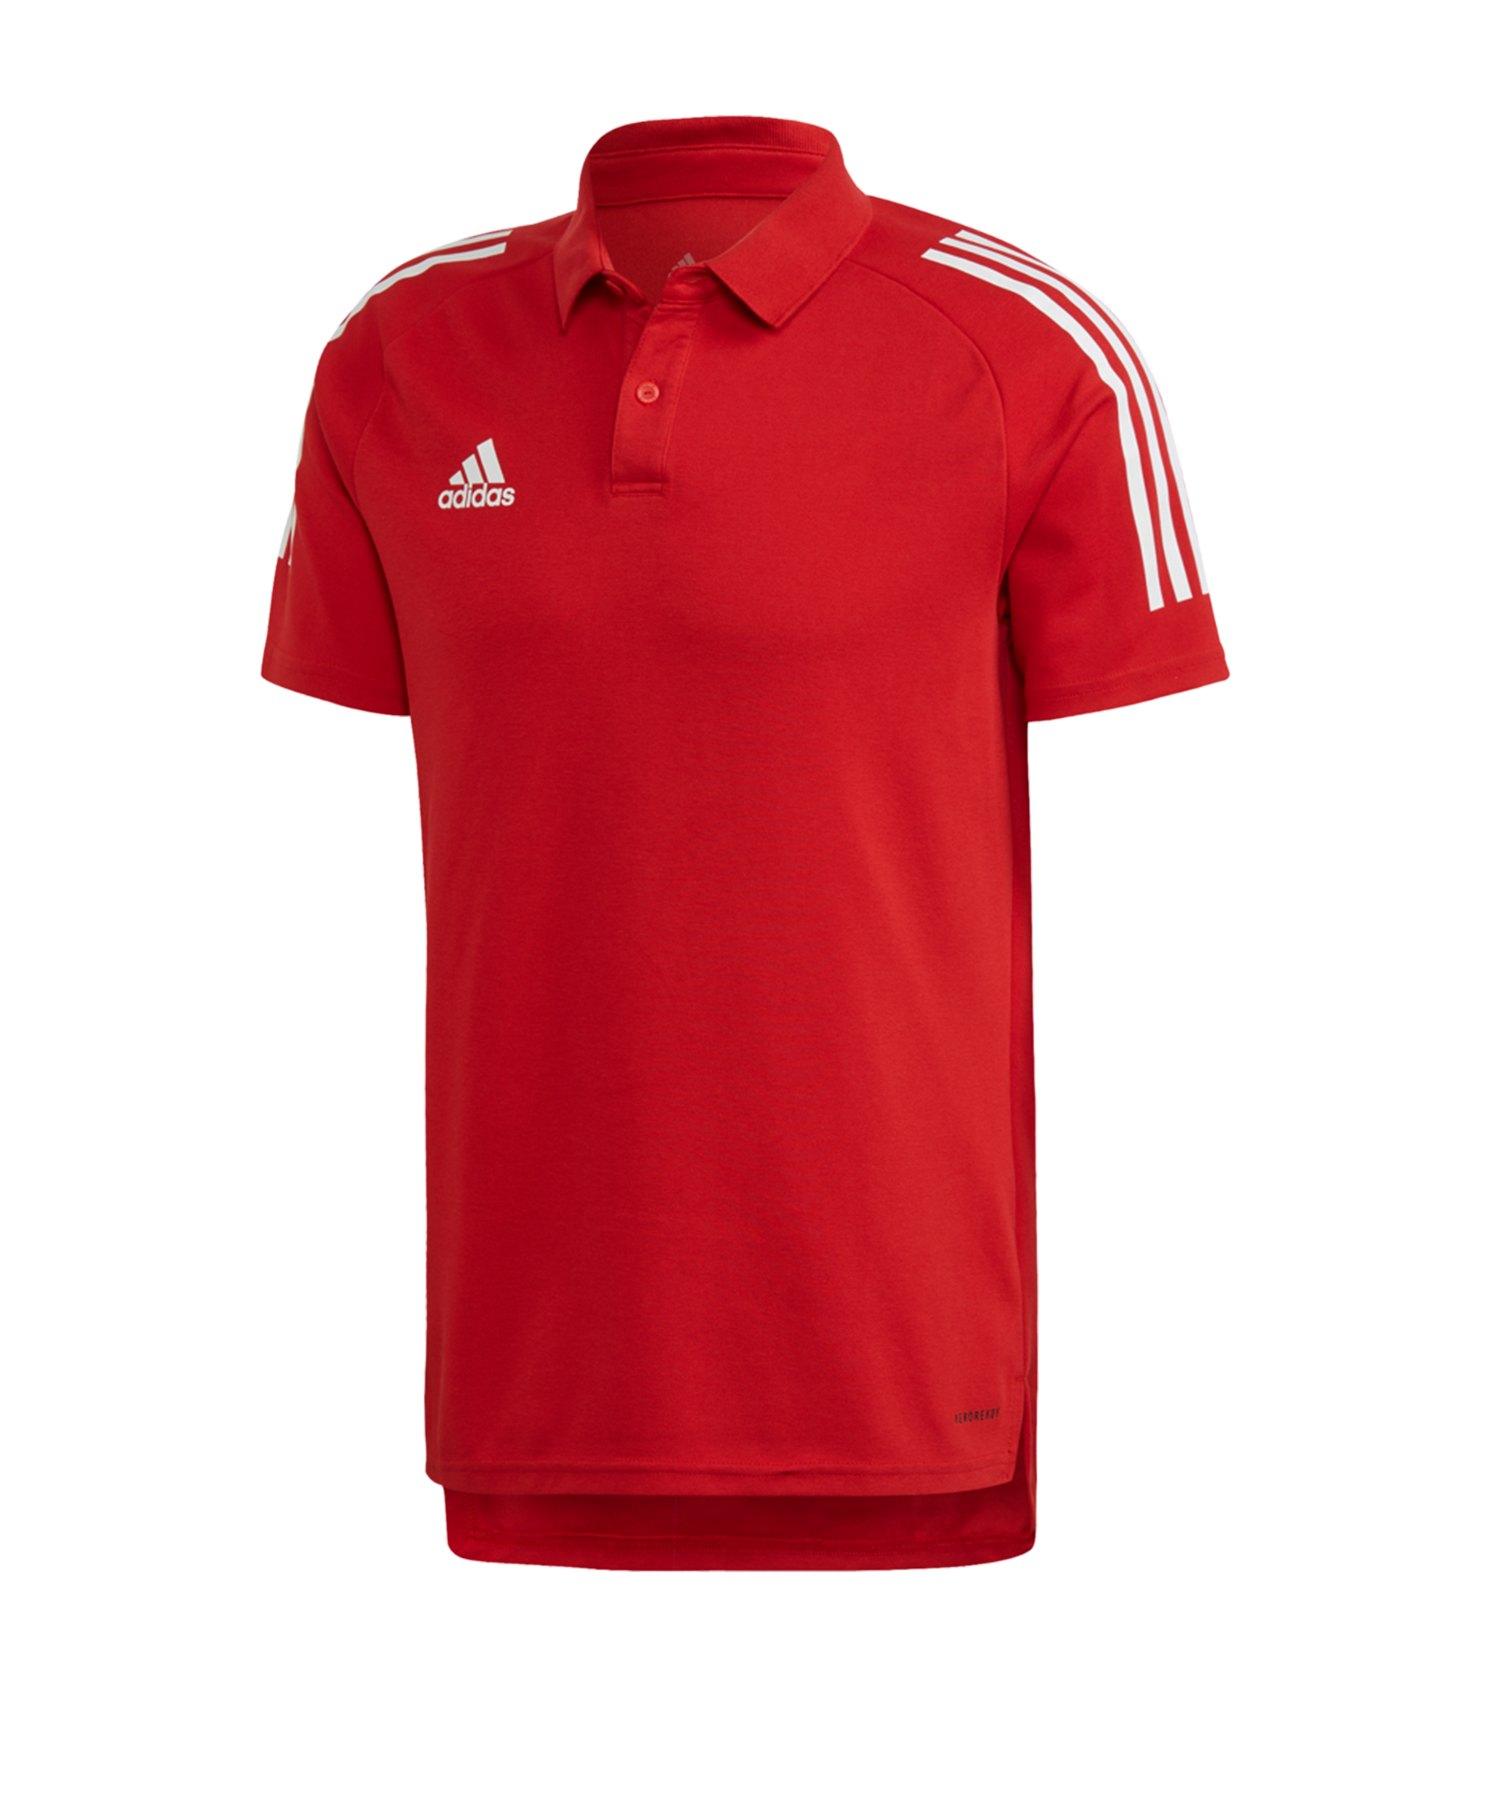 adidas Condivo 20 Poloshirt Rot Weiss - rot